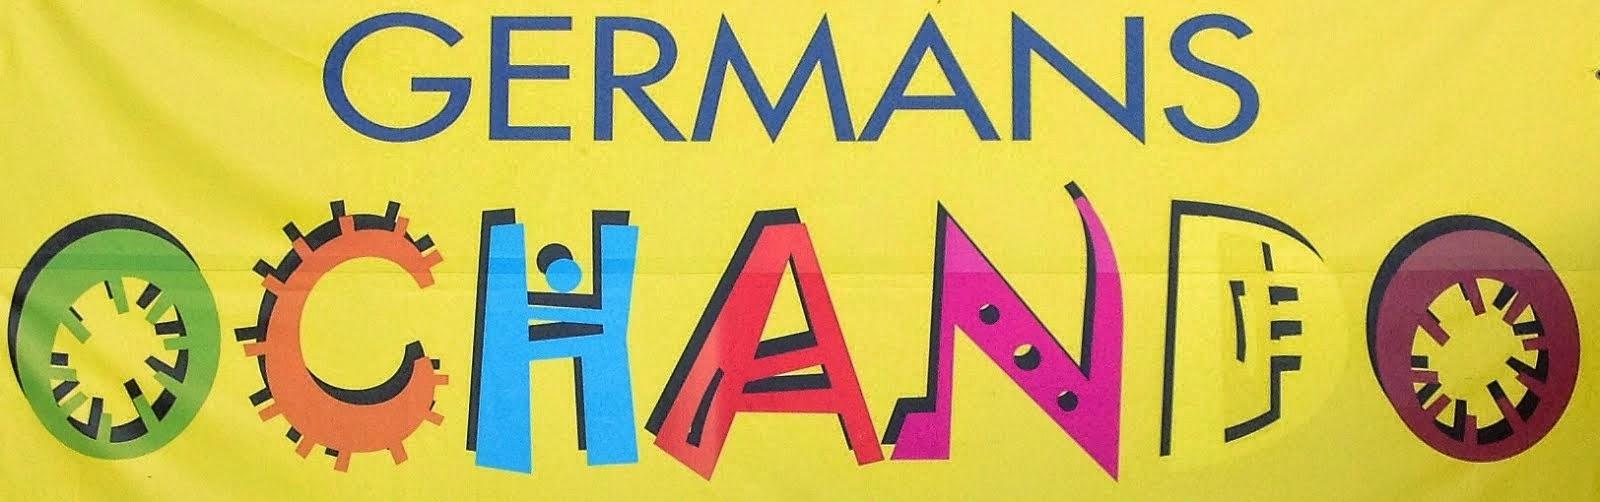 Germans Ochando